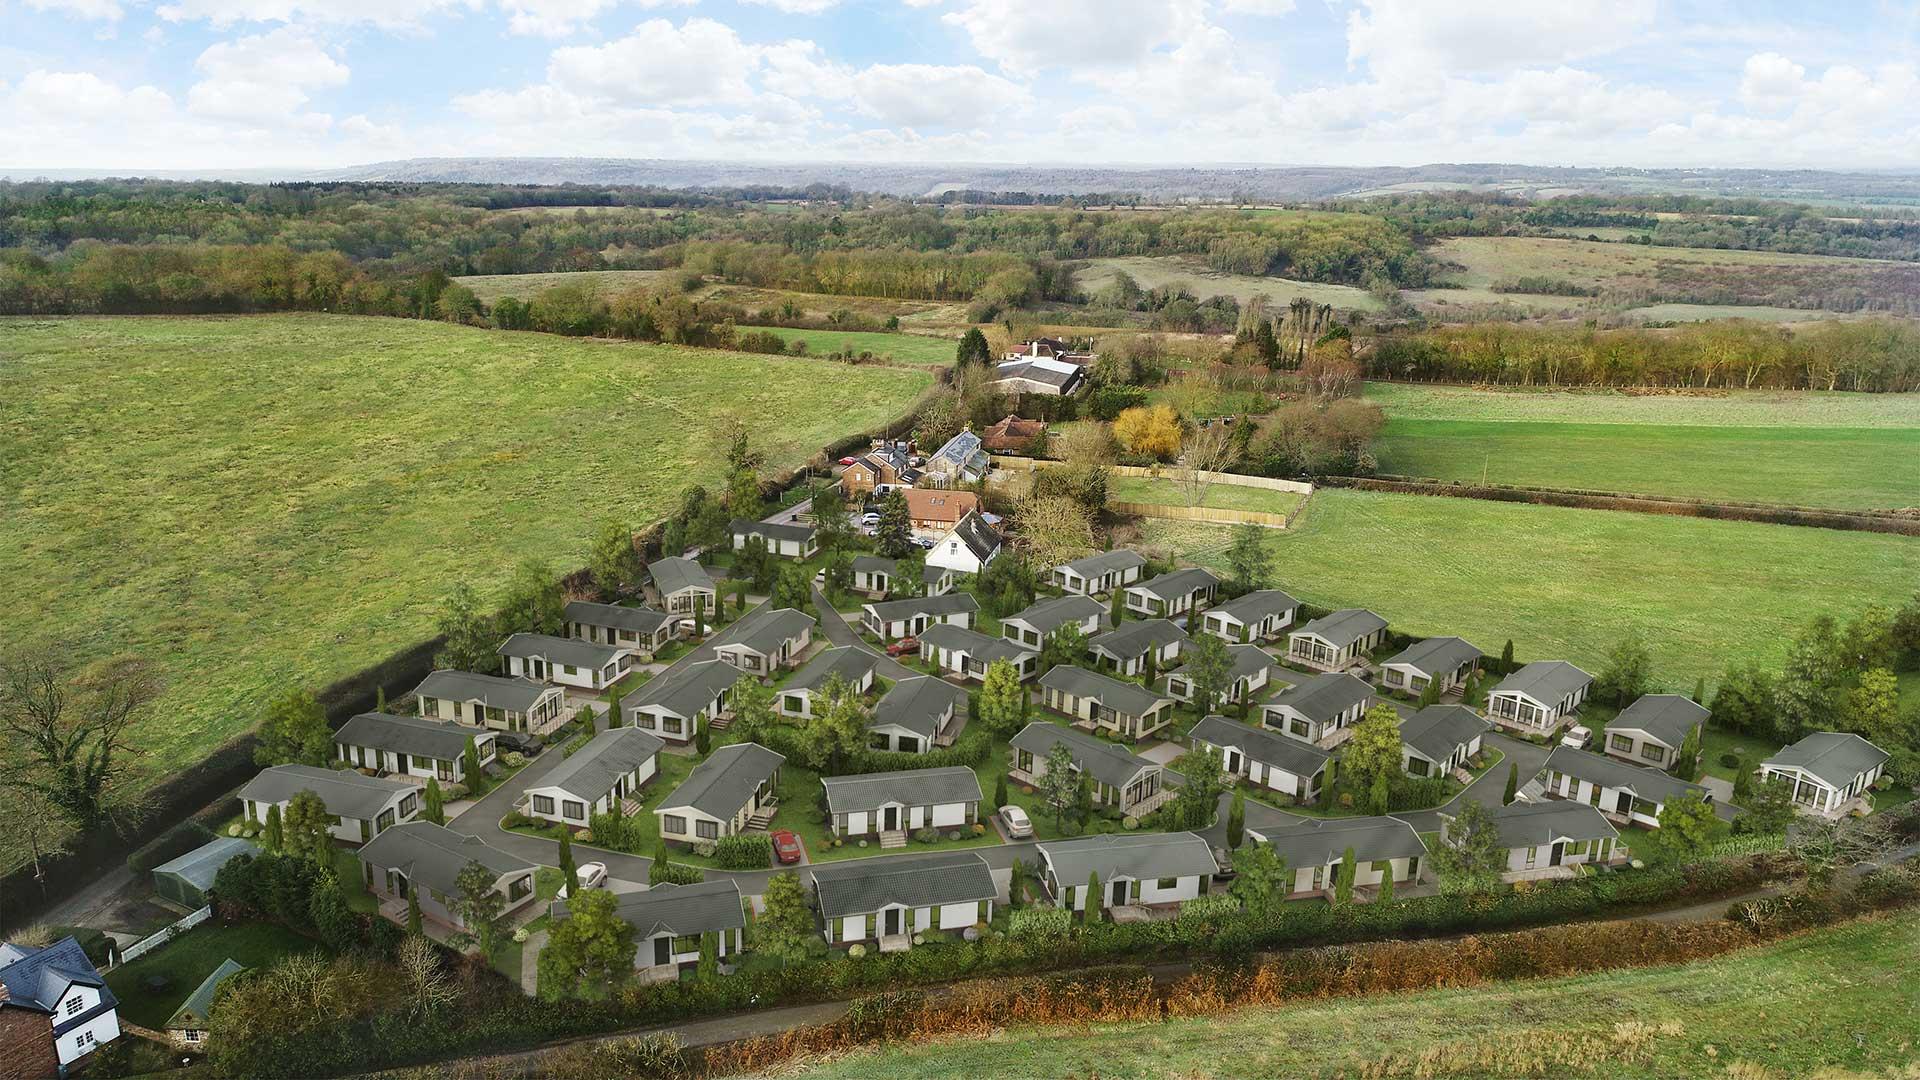 Kingsdown Meadow Aerial CGI